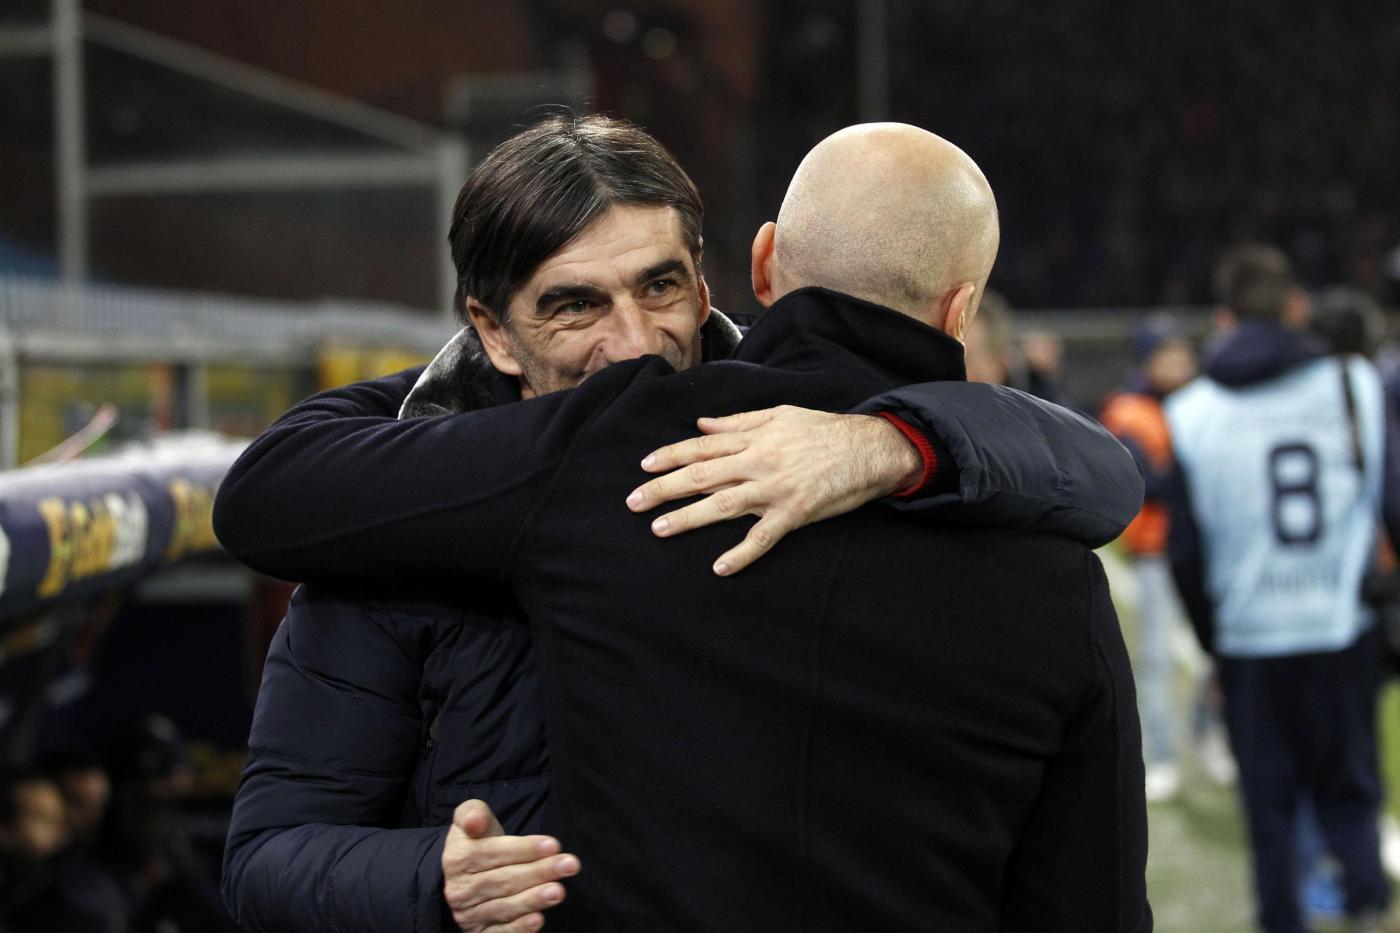 Pazza partita a Marassi, Genoa-Palermo 3-4